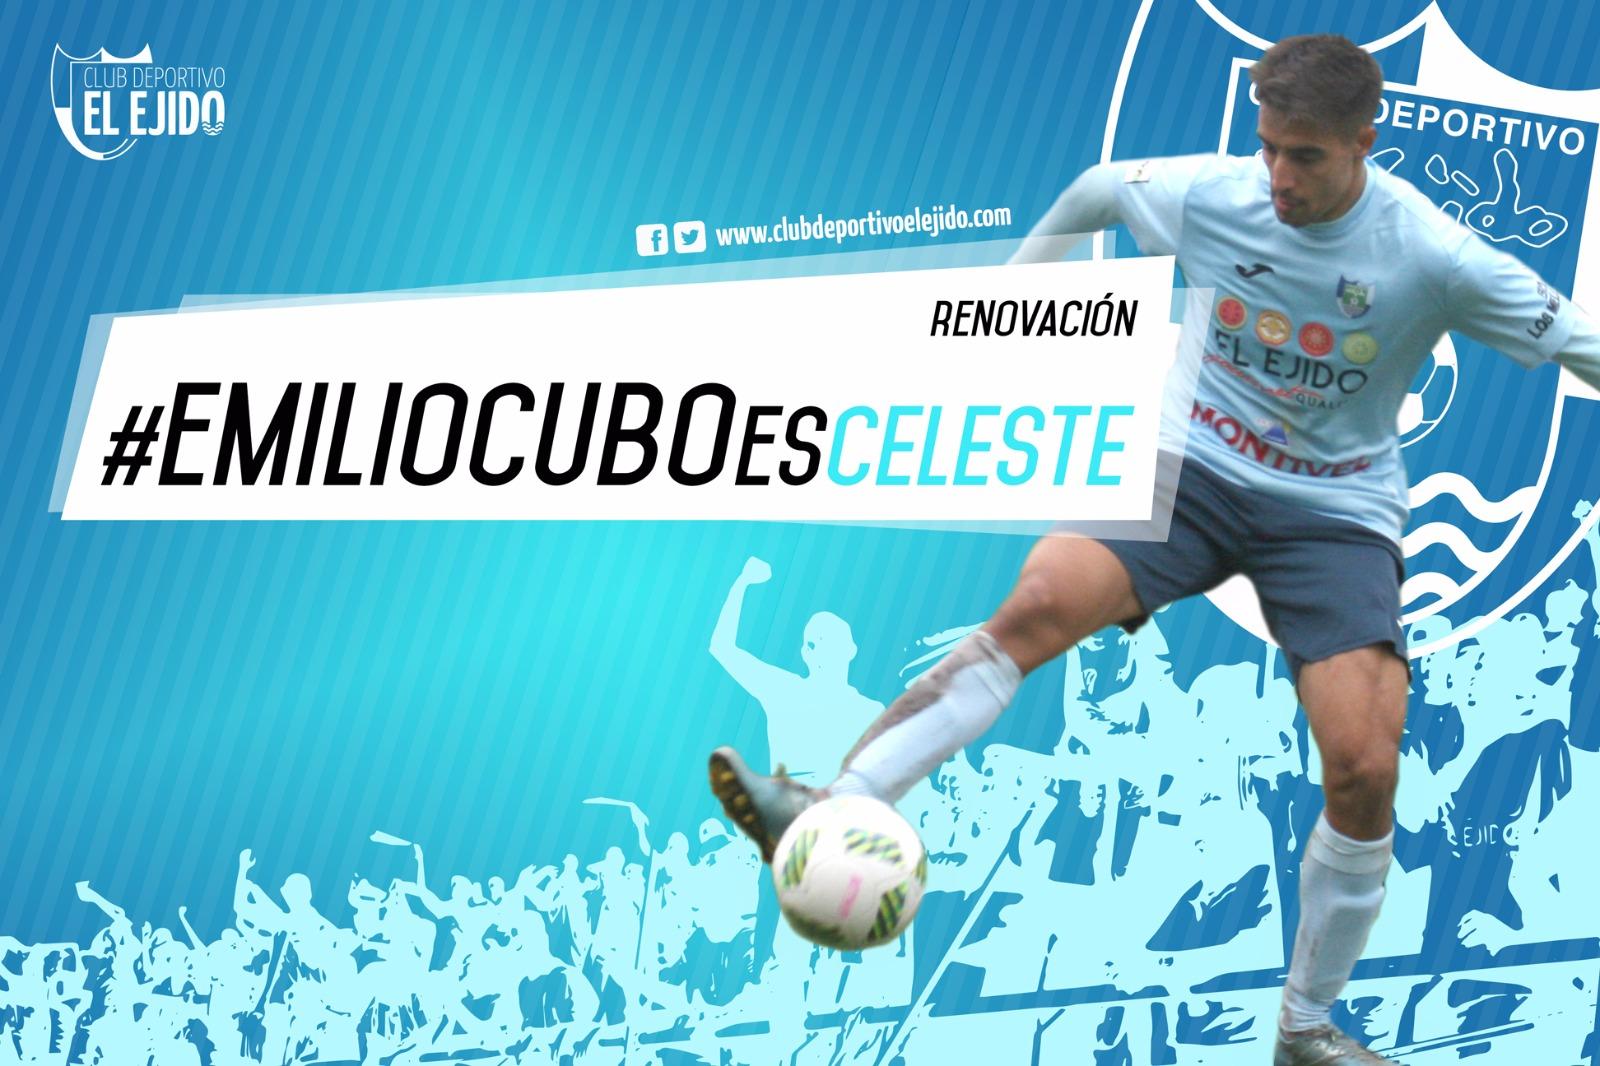 Emilio Cubo renueva por el CD El Ejido